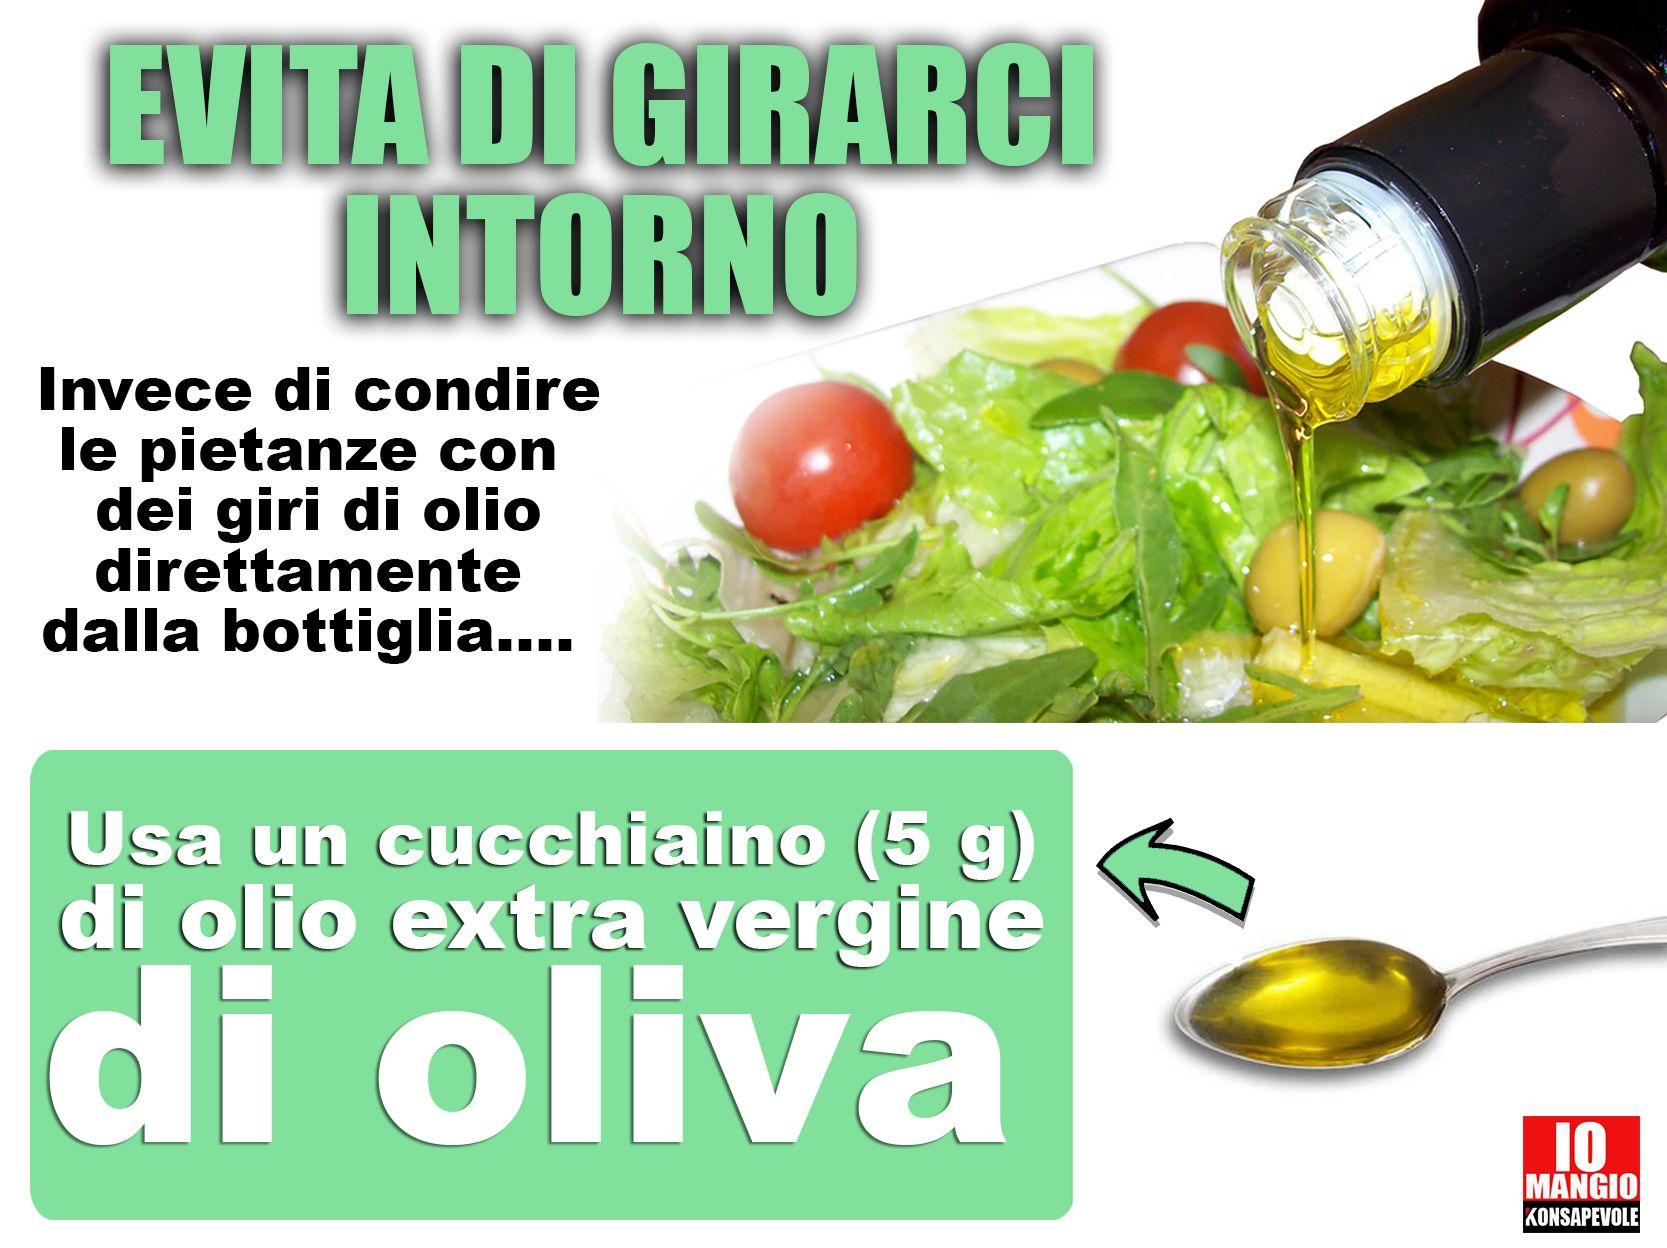 Olio di oliva (un cucchiaio) calorie - leCalorie.it